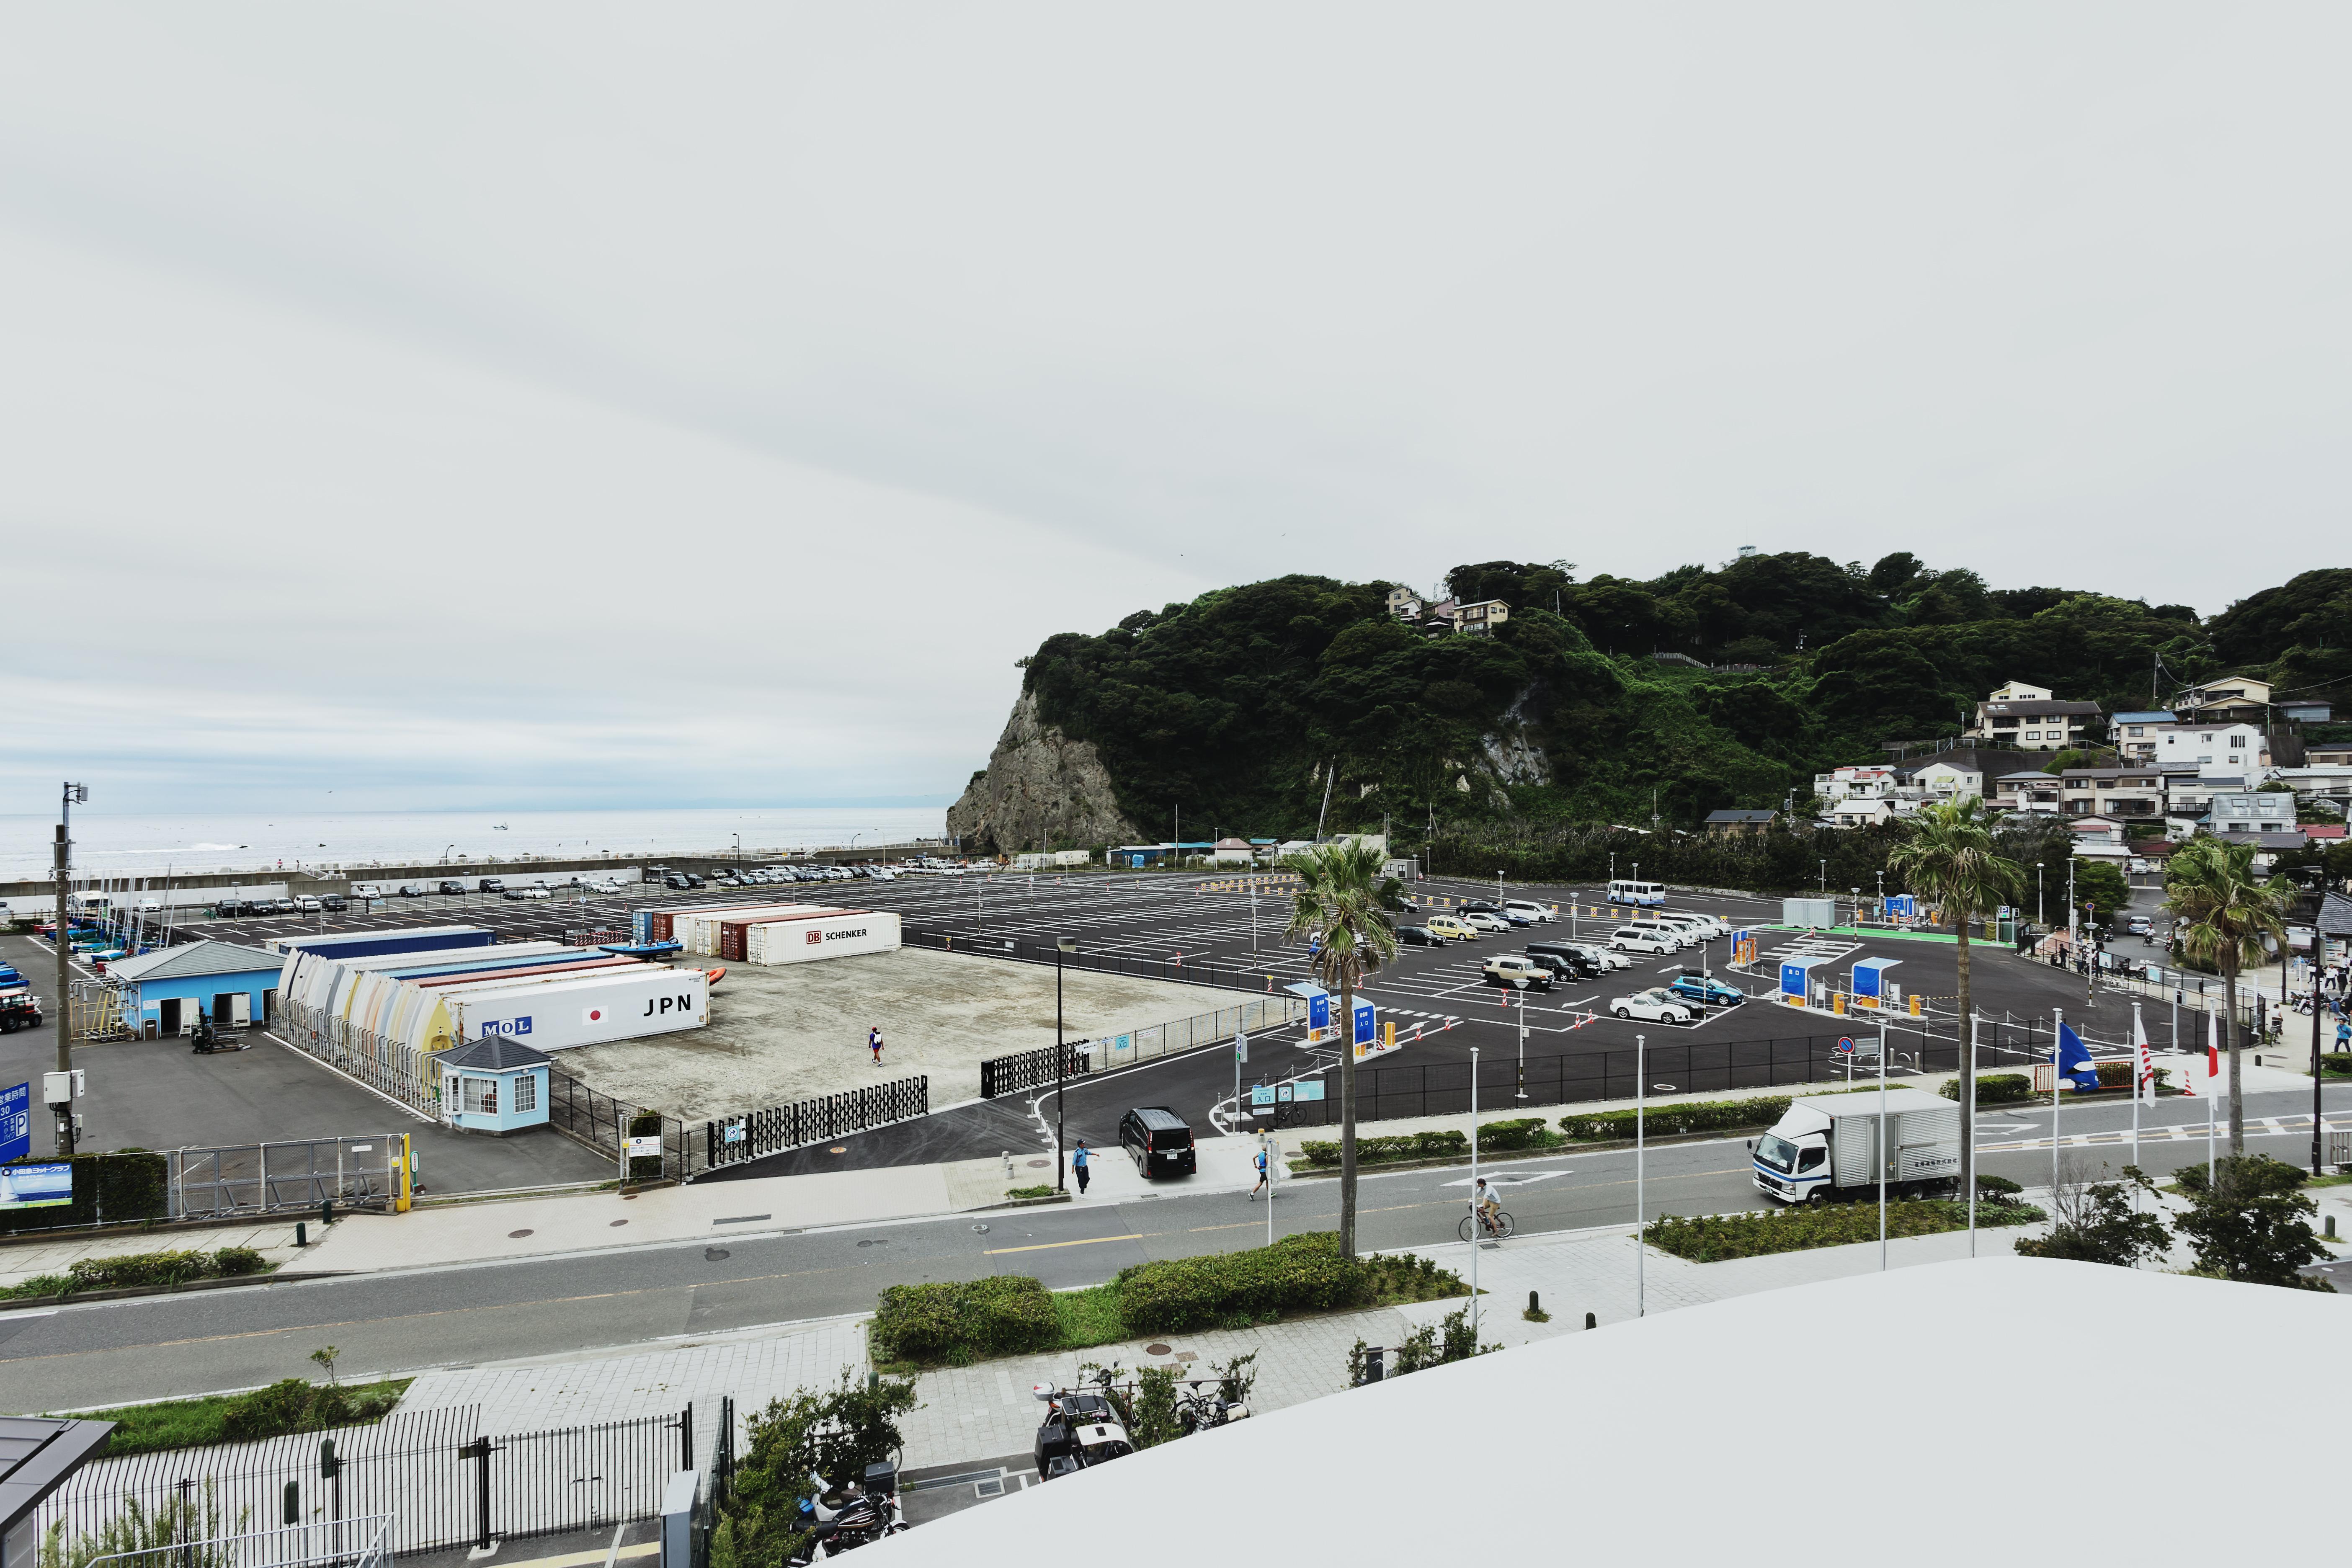 江の島かもめ駐車場・艇置場 05